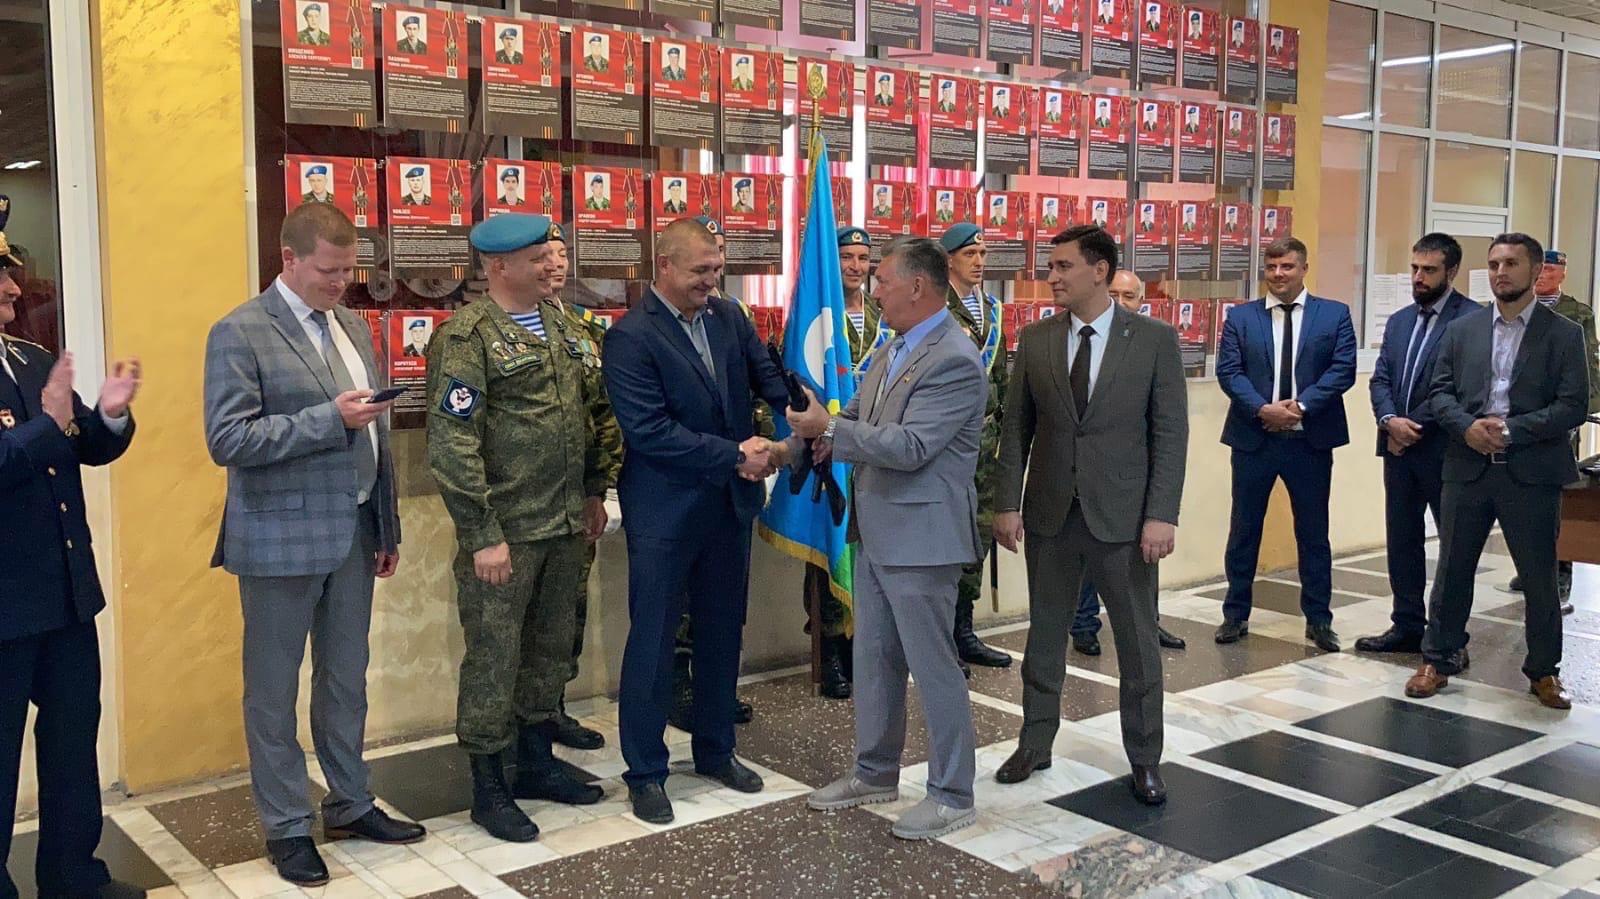 Военно-патриотическому клубу «Легион» вручили макет автомата АК-74Столь